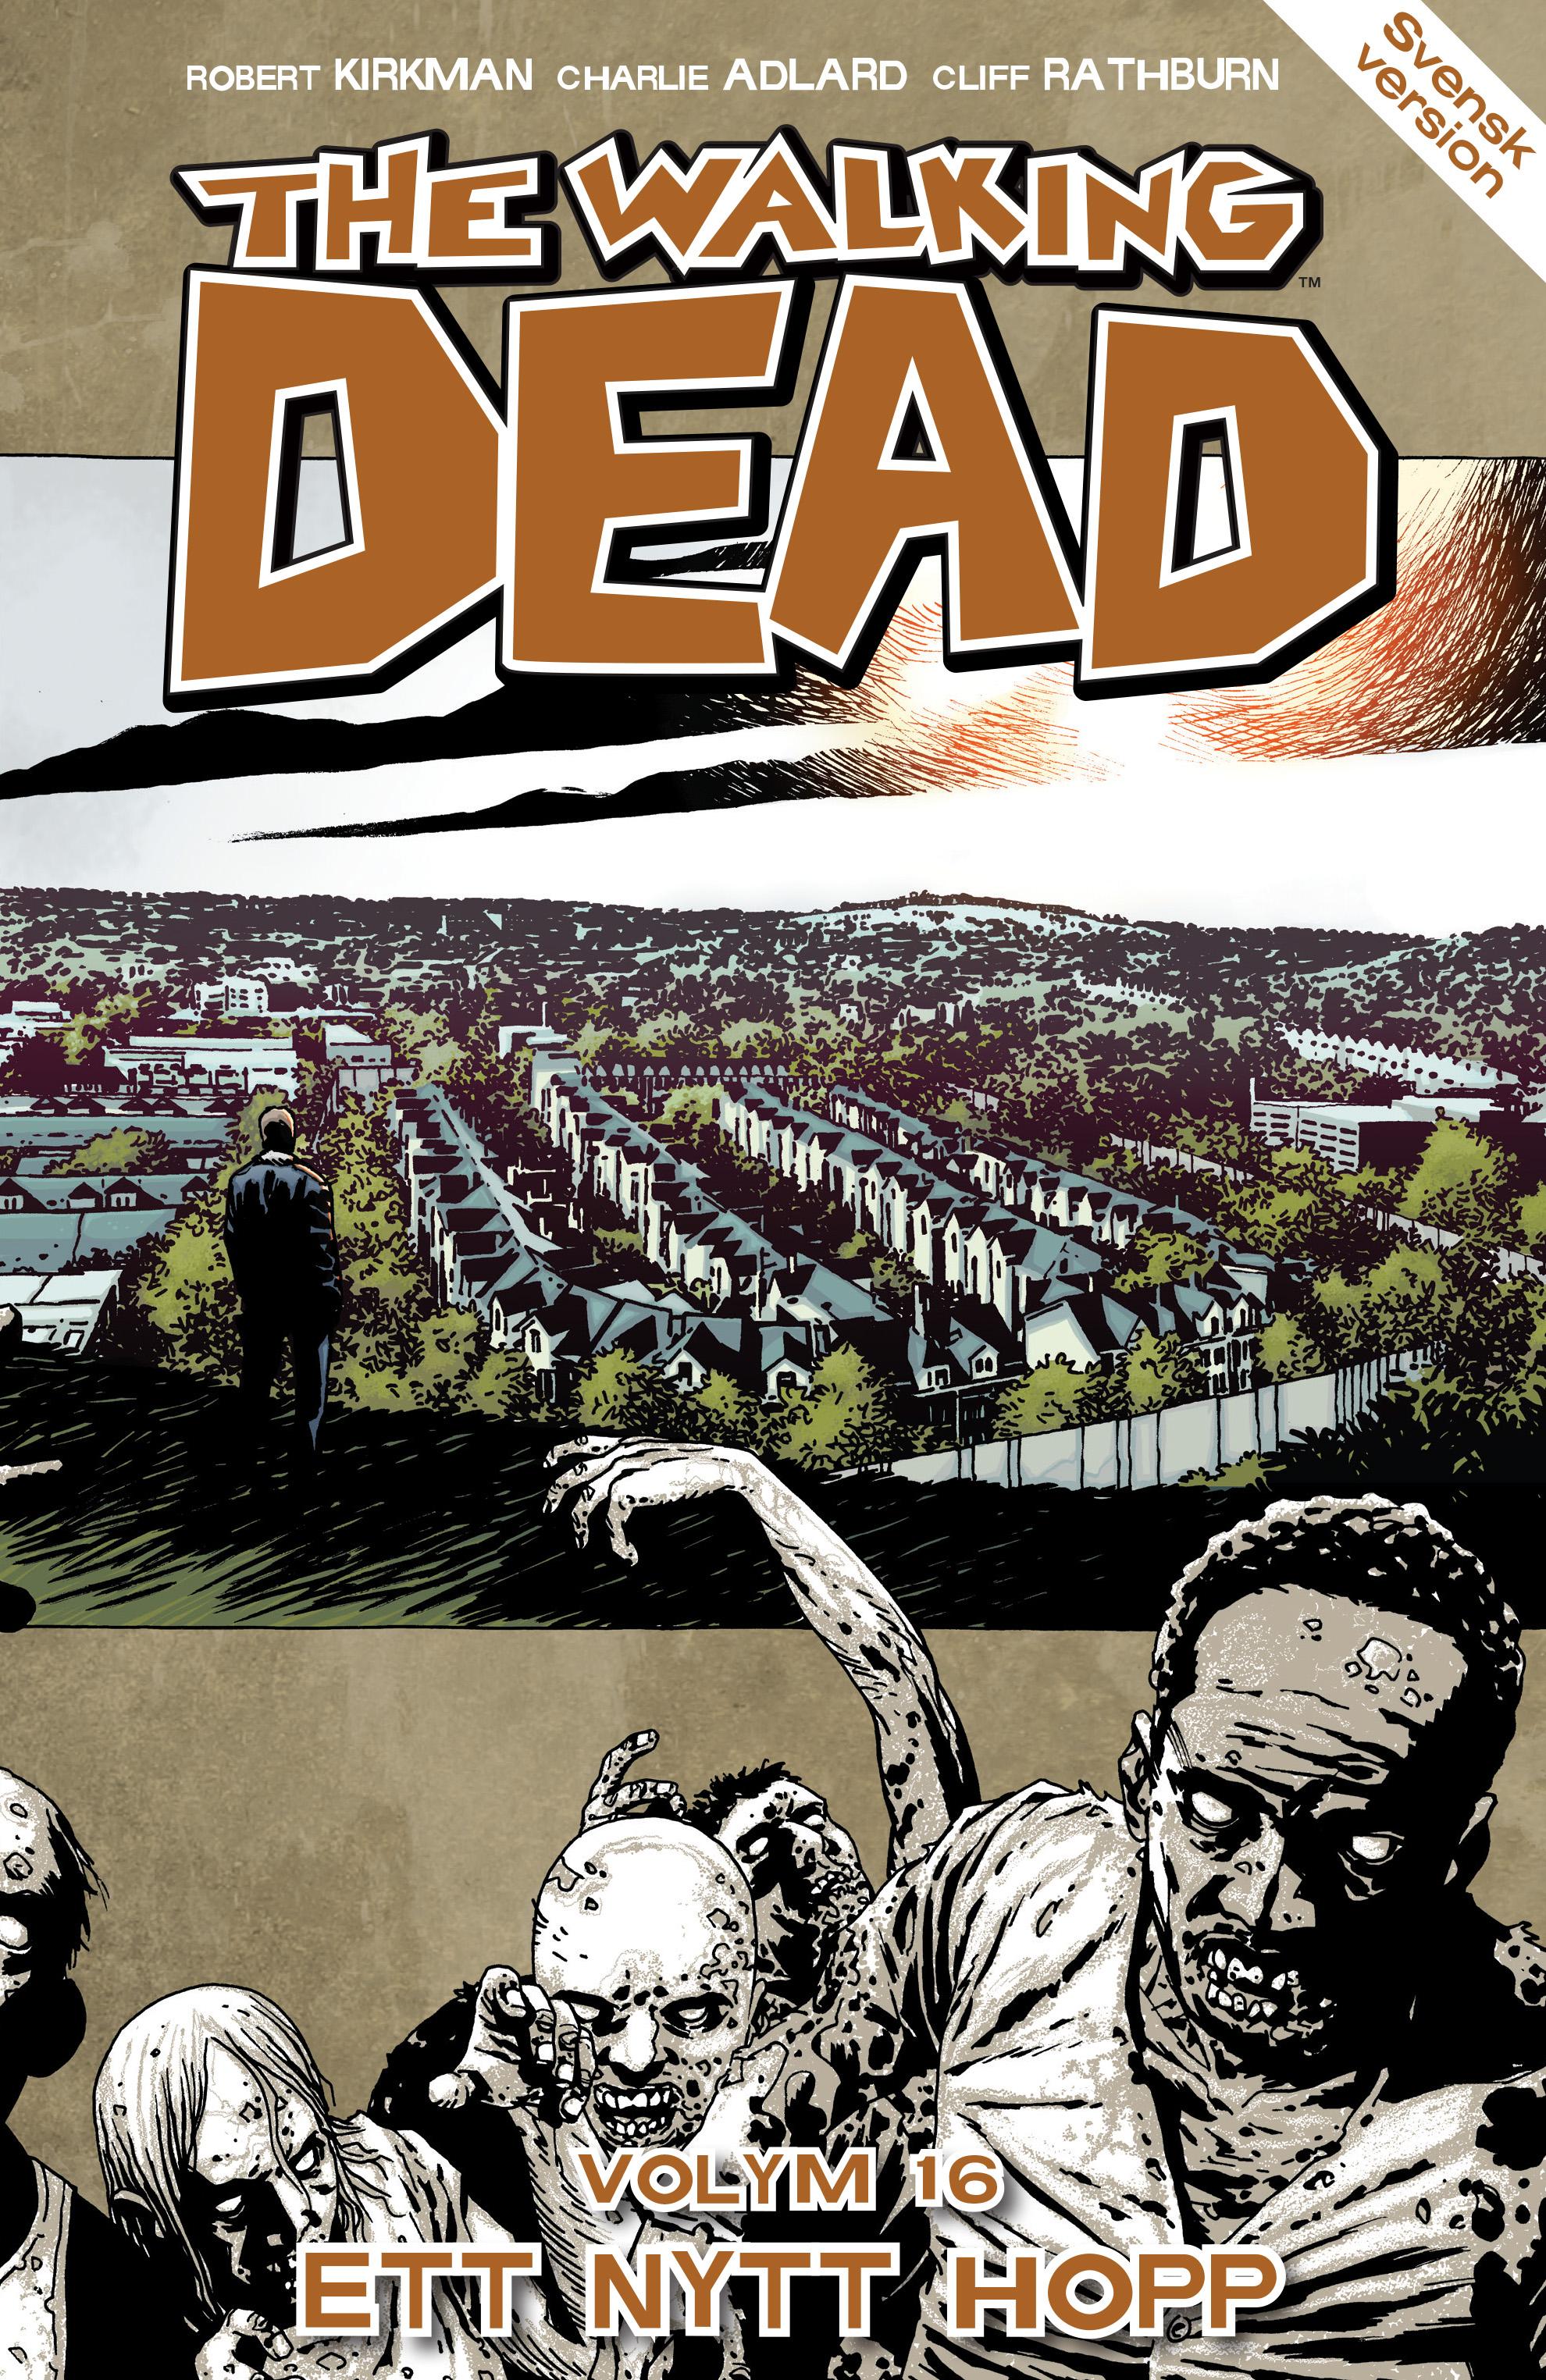 The Walking Dead volym 16. Ett nytt hopp av Robert Kirkman